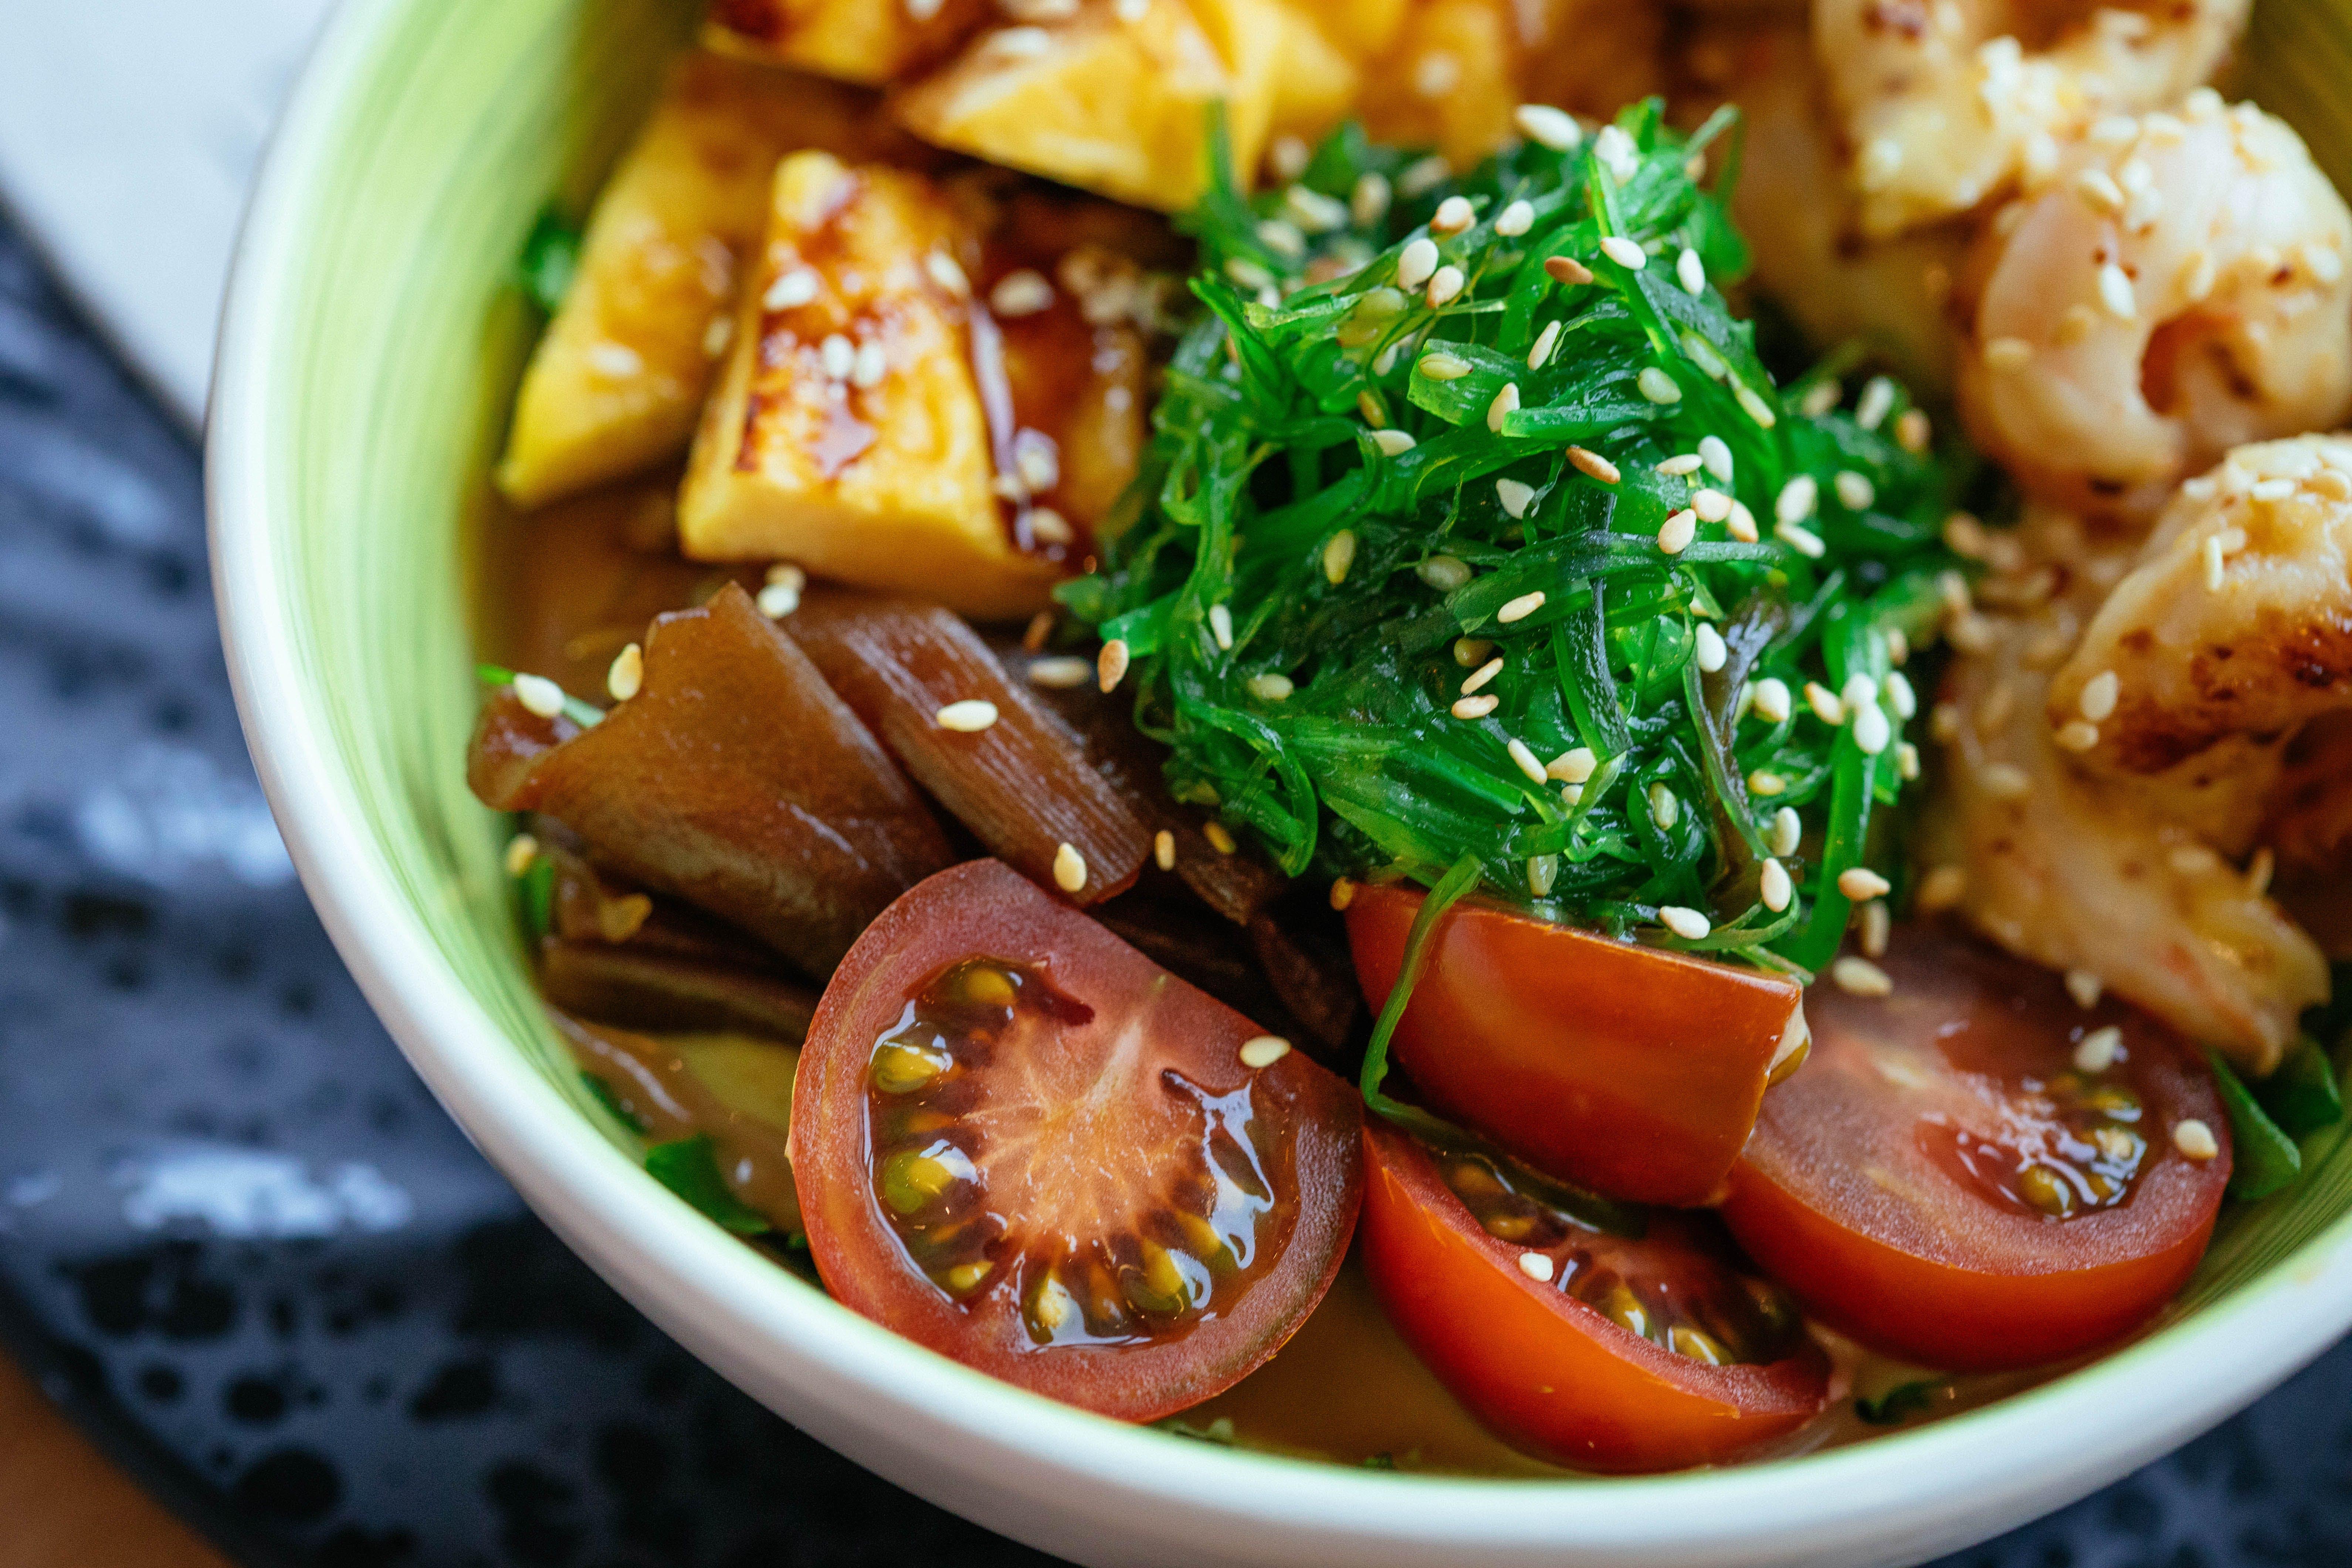 Gratis lagerfoto af delikat, grøntsager, mad, måltid